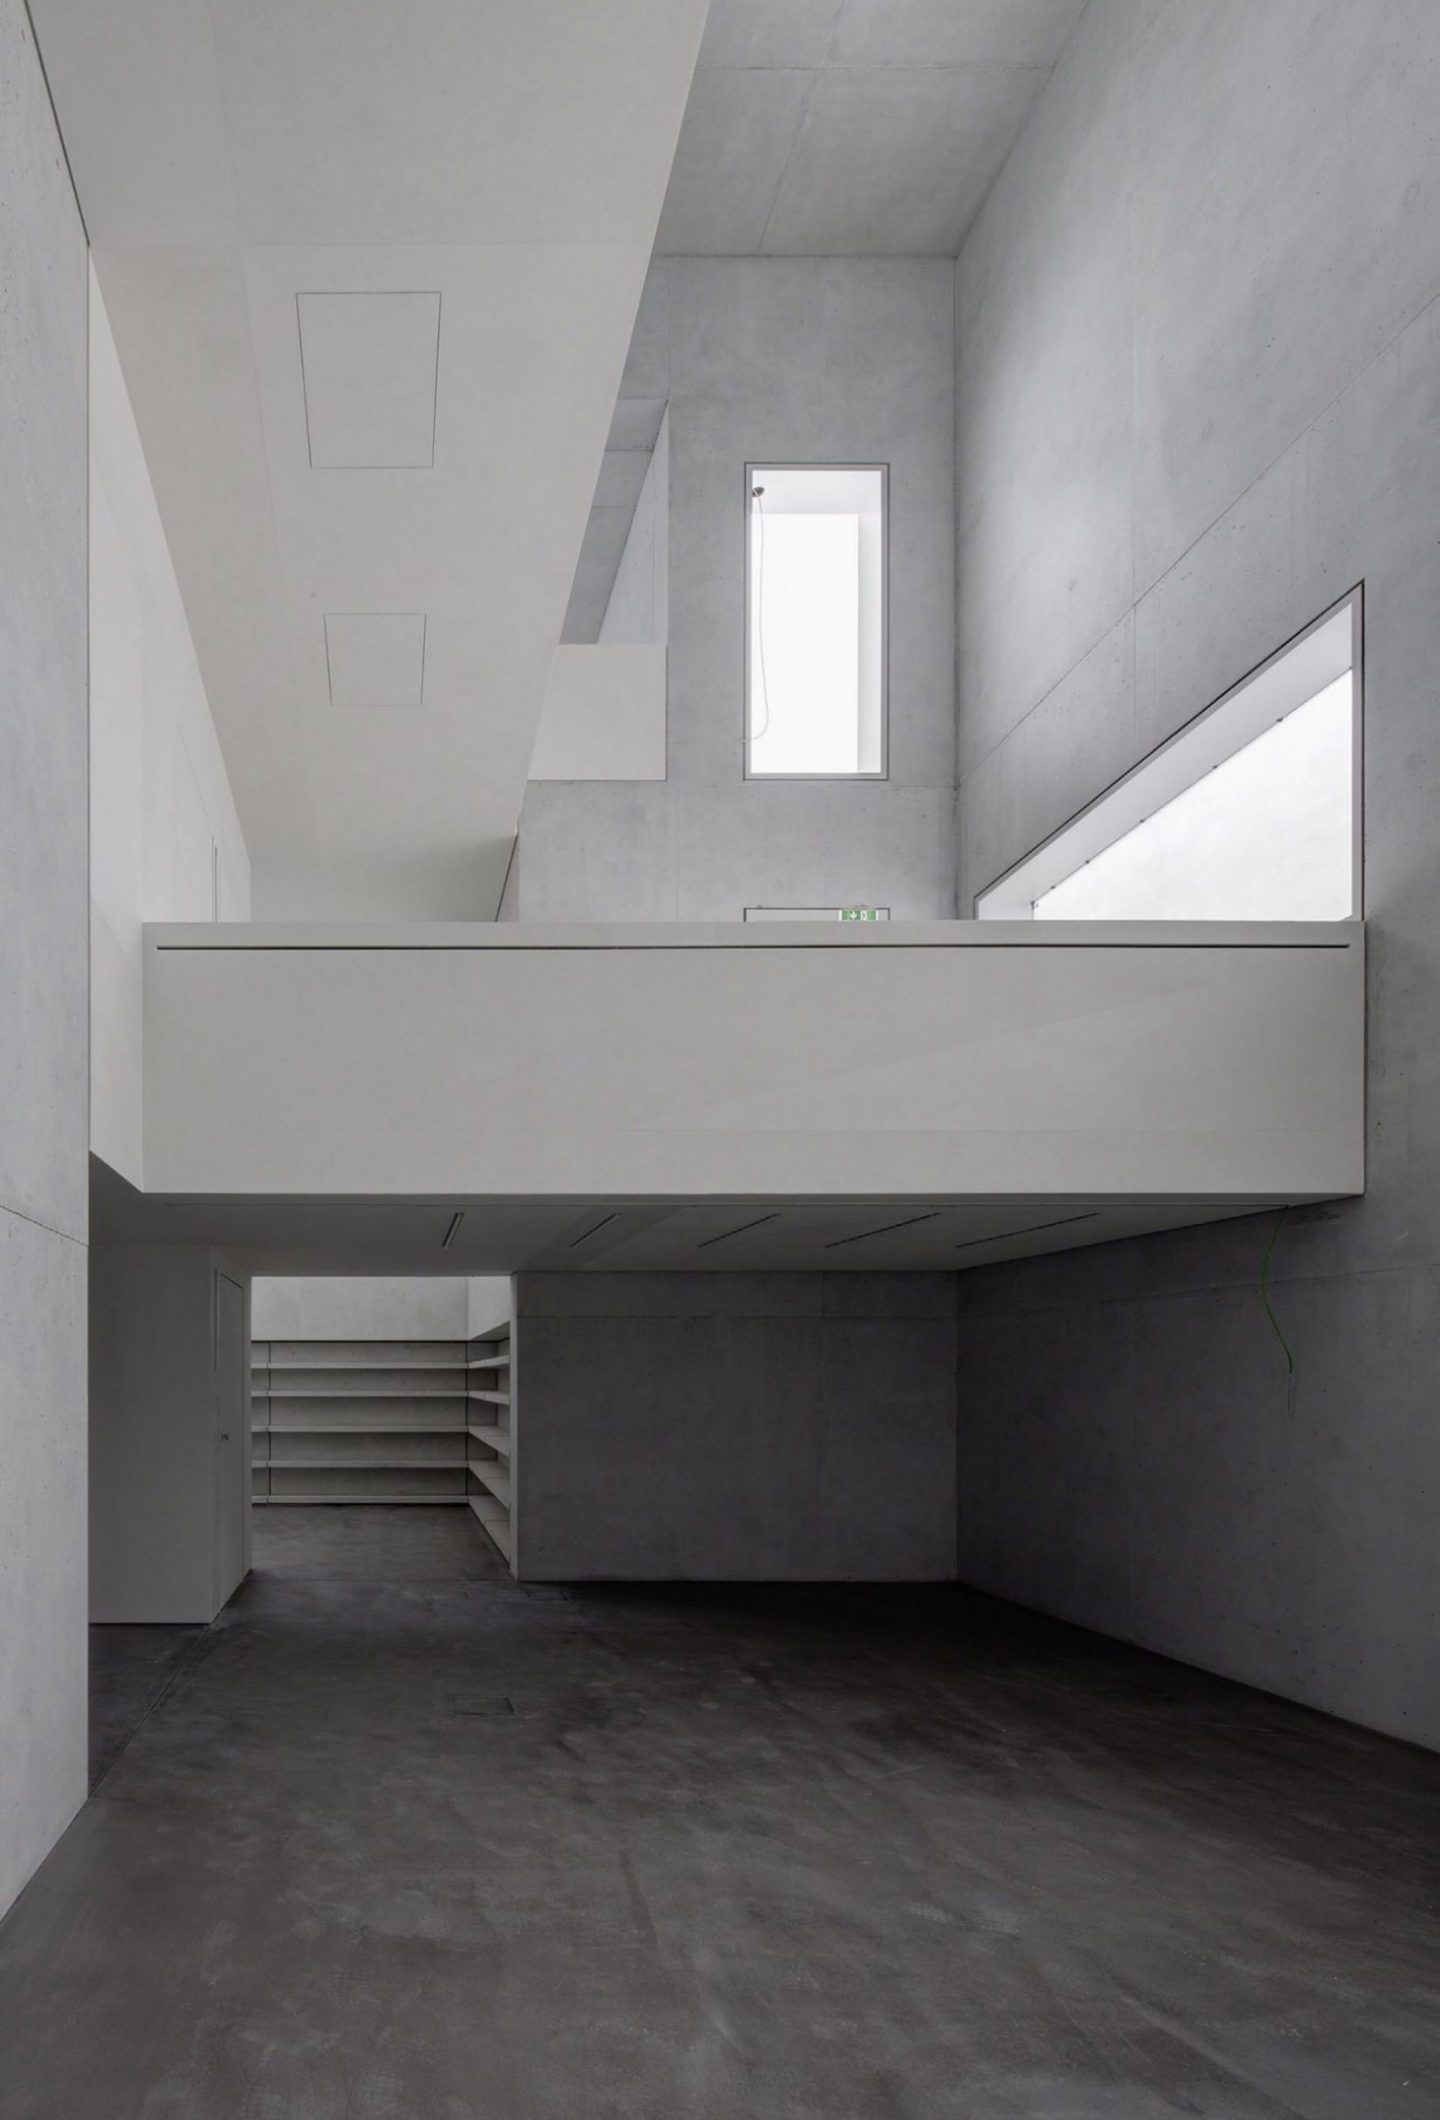 ignant-architecture-bruno-fioretti-marquez-bauhaus-meisterhauser-8-e1549437633400